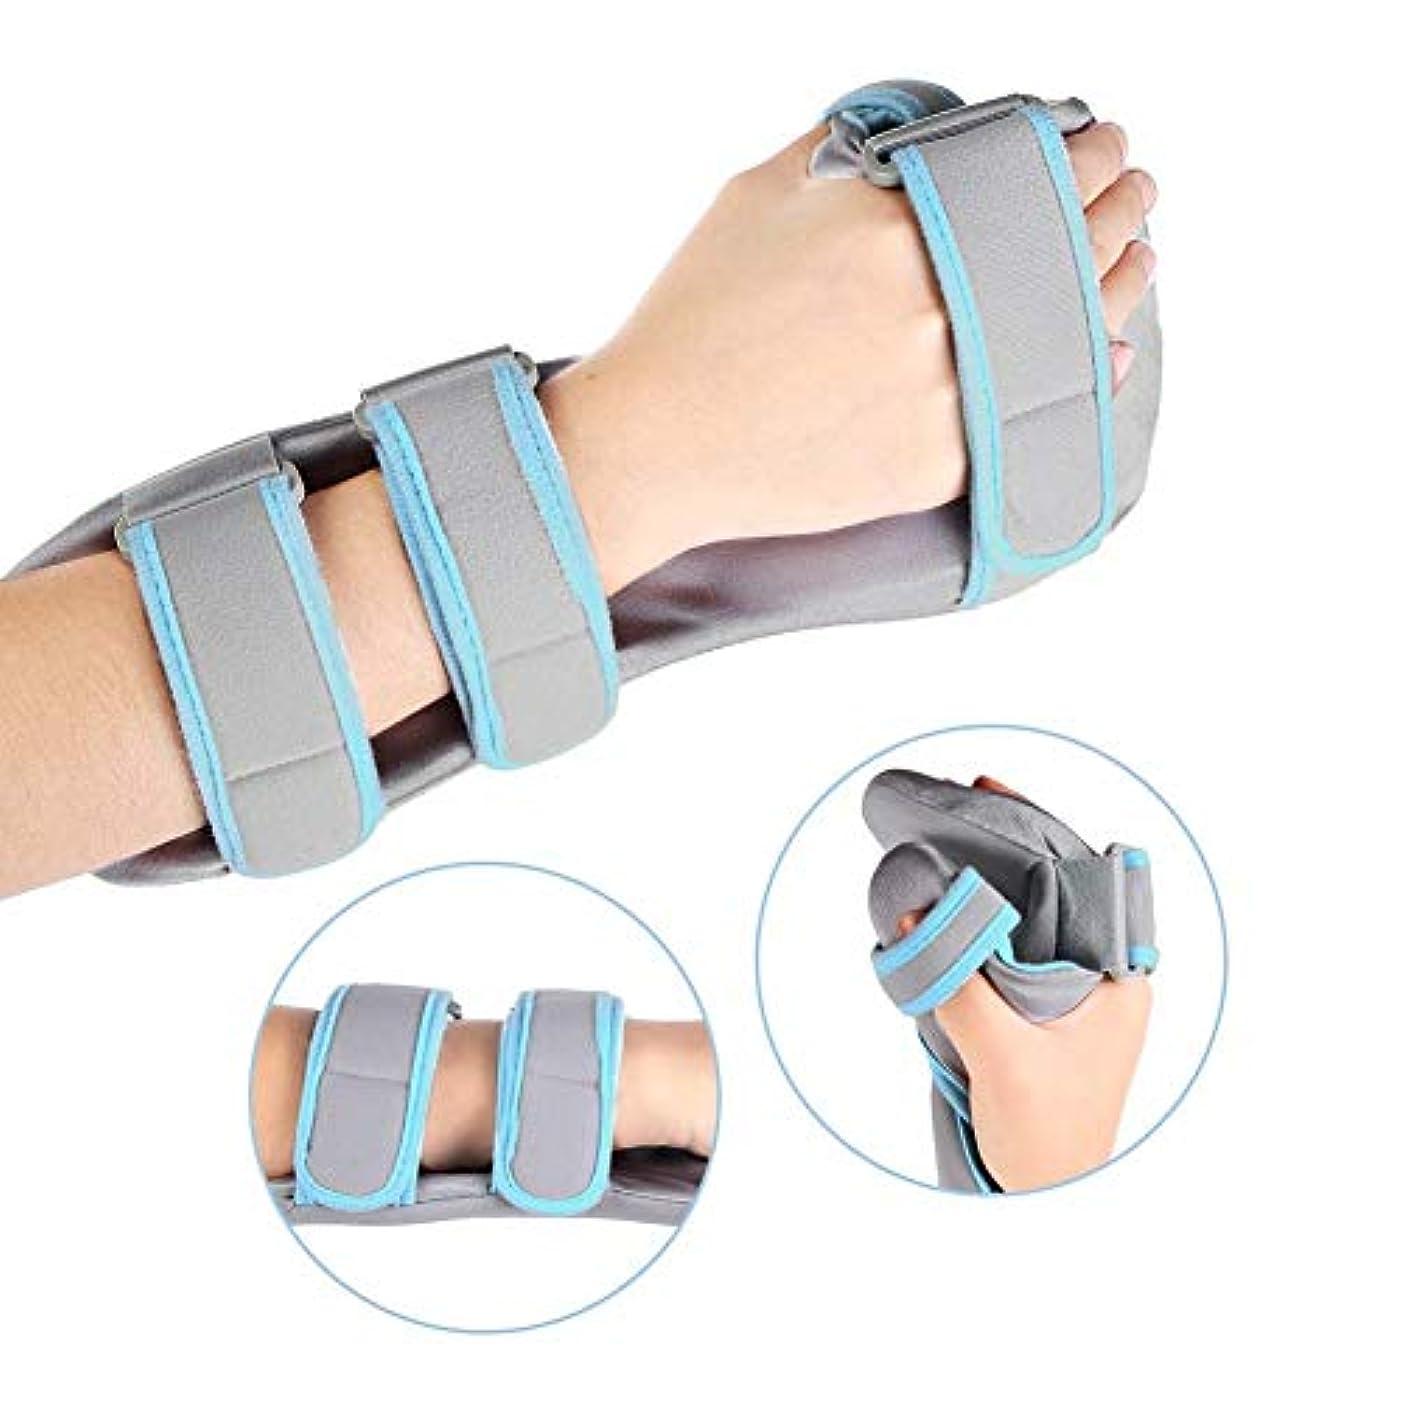 概要化学者リズム手首のサポート、手根管、骨折、捻rain、関節痛の軽減のための調節可能な通気性の手のサポート,Right,S